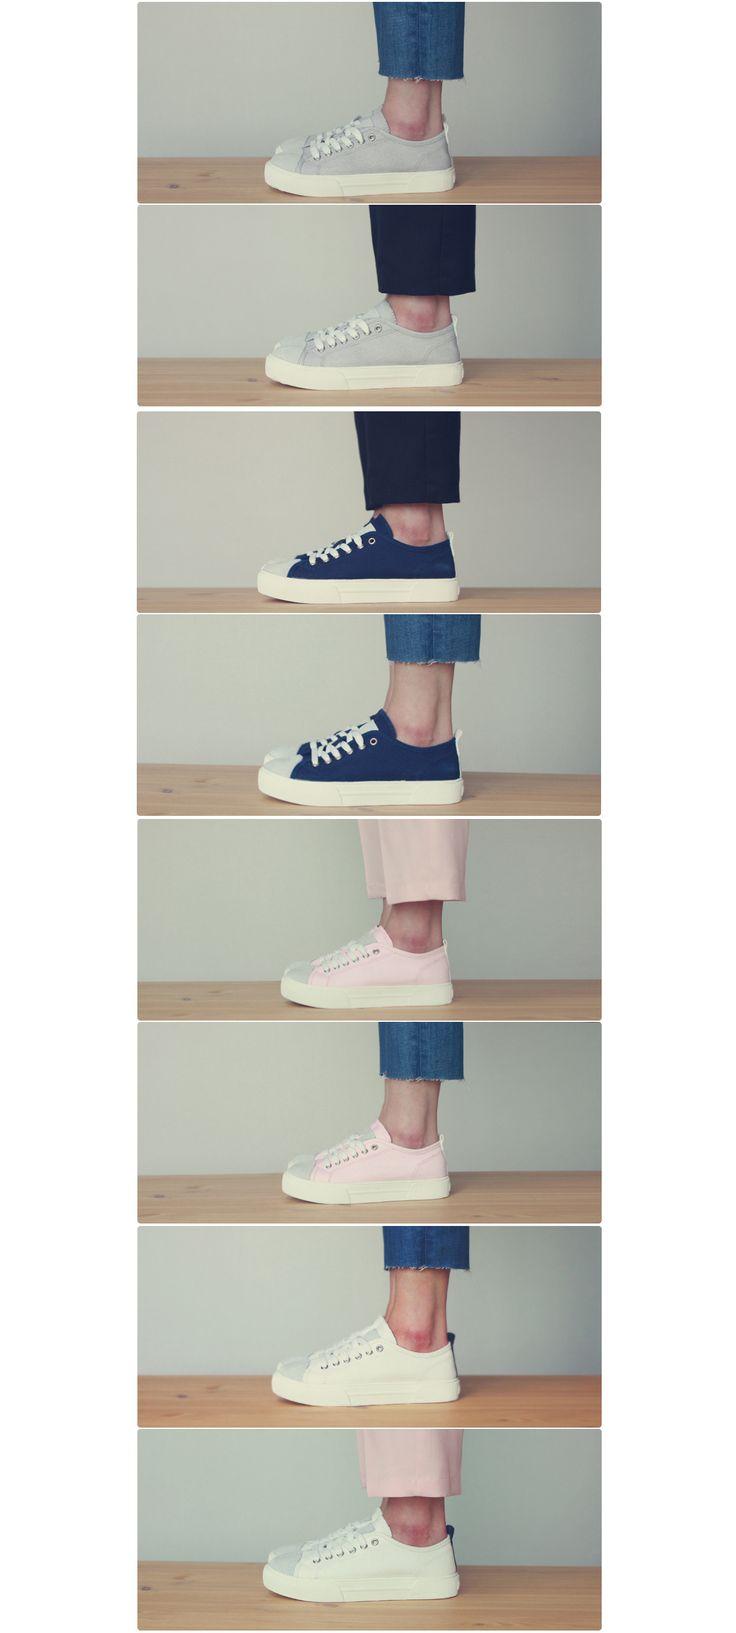 미니멀리즘 컴포트, 리마인드 슈즈 <stare> korea sneakers brand. design by skoi. #스테어#스테어스니커즈#stare#stareshoes#스니커즈#슈즈#컨버스#신발#shoes#운동화#흰운동화#whiteshoes